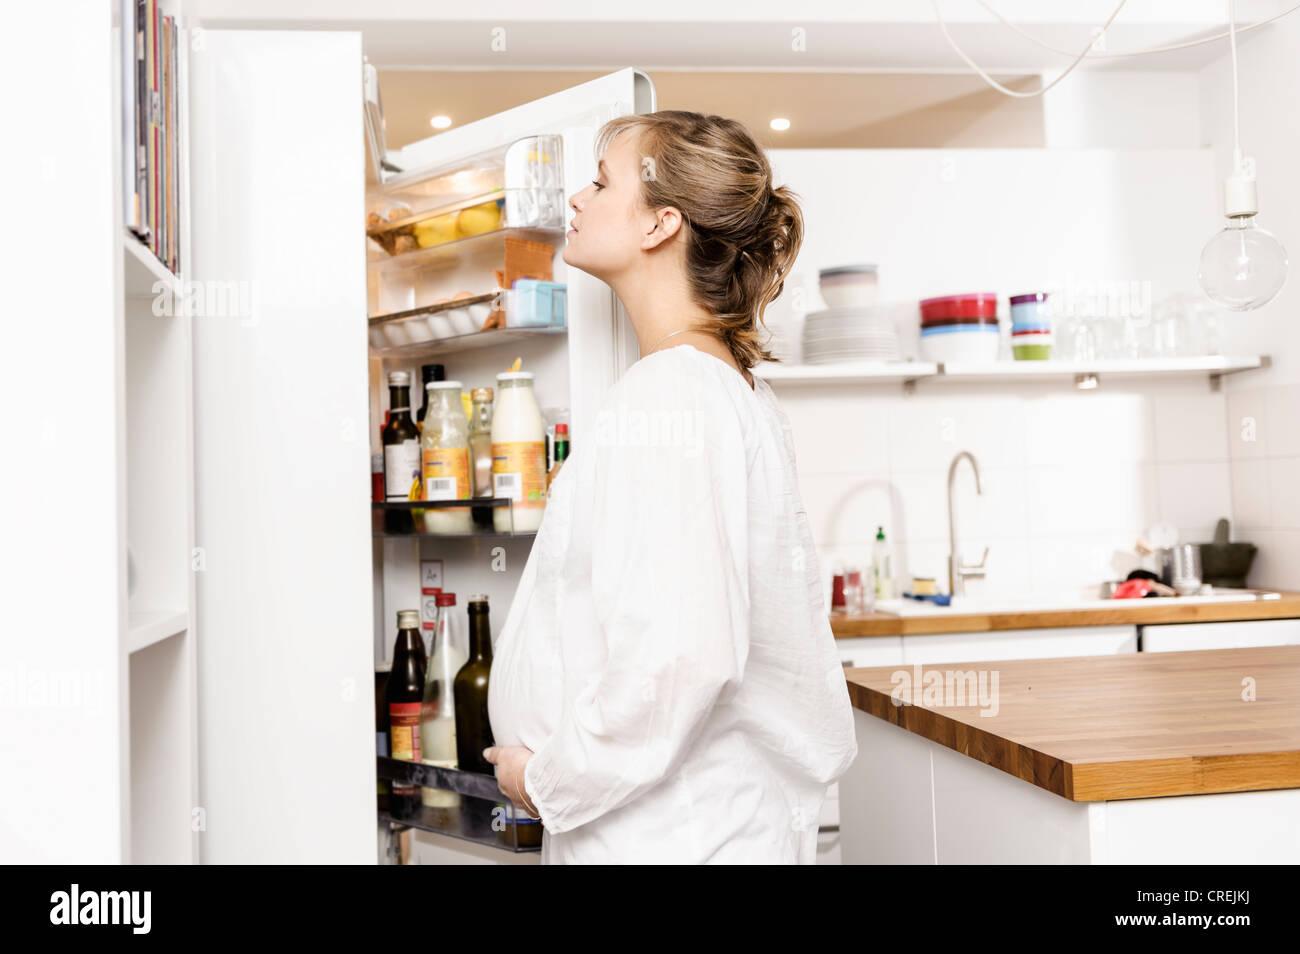 Schwangere Frau Suche Kühlschrank für Lebensmittel Stockfoto, Bild ...